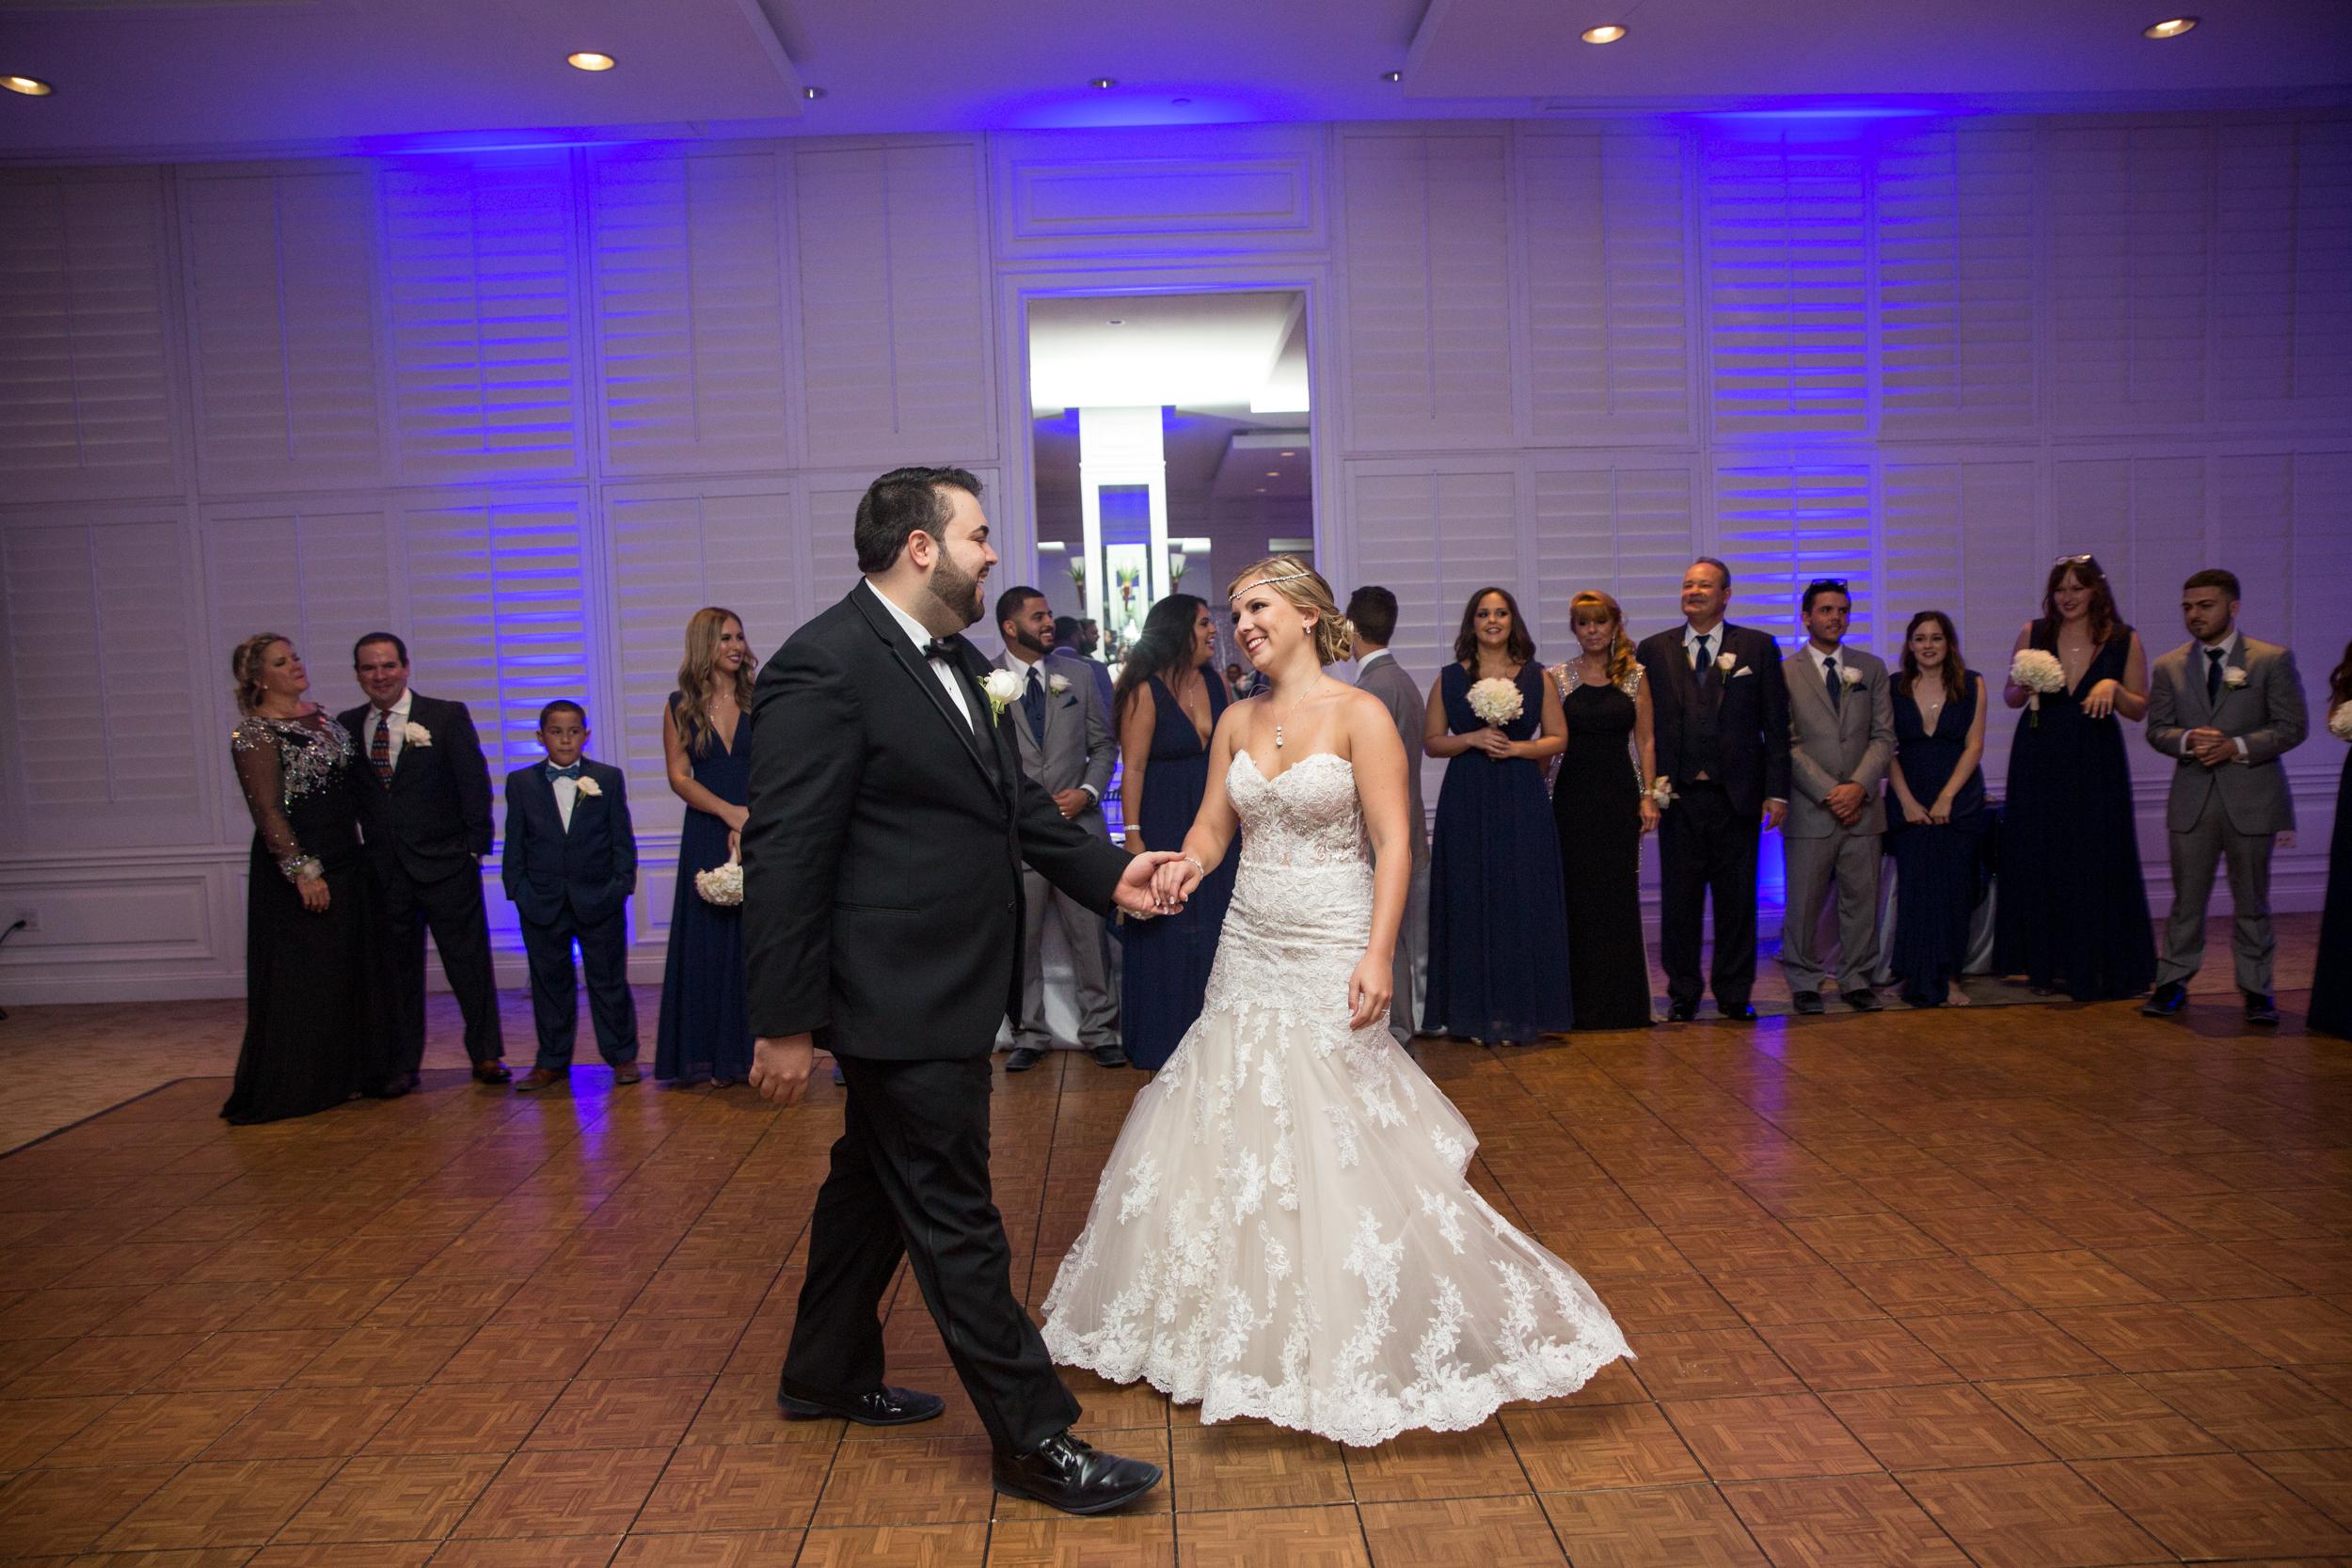 10-14-17_AshleyRichard_Wedding-113.jpg